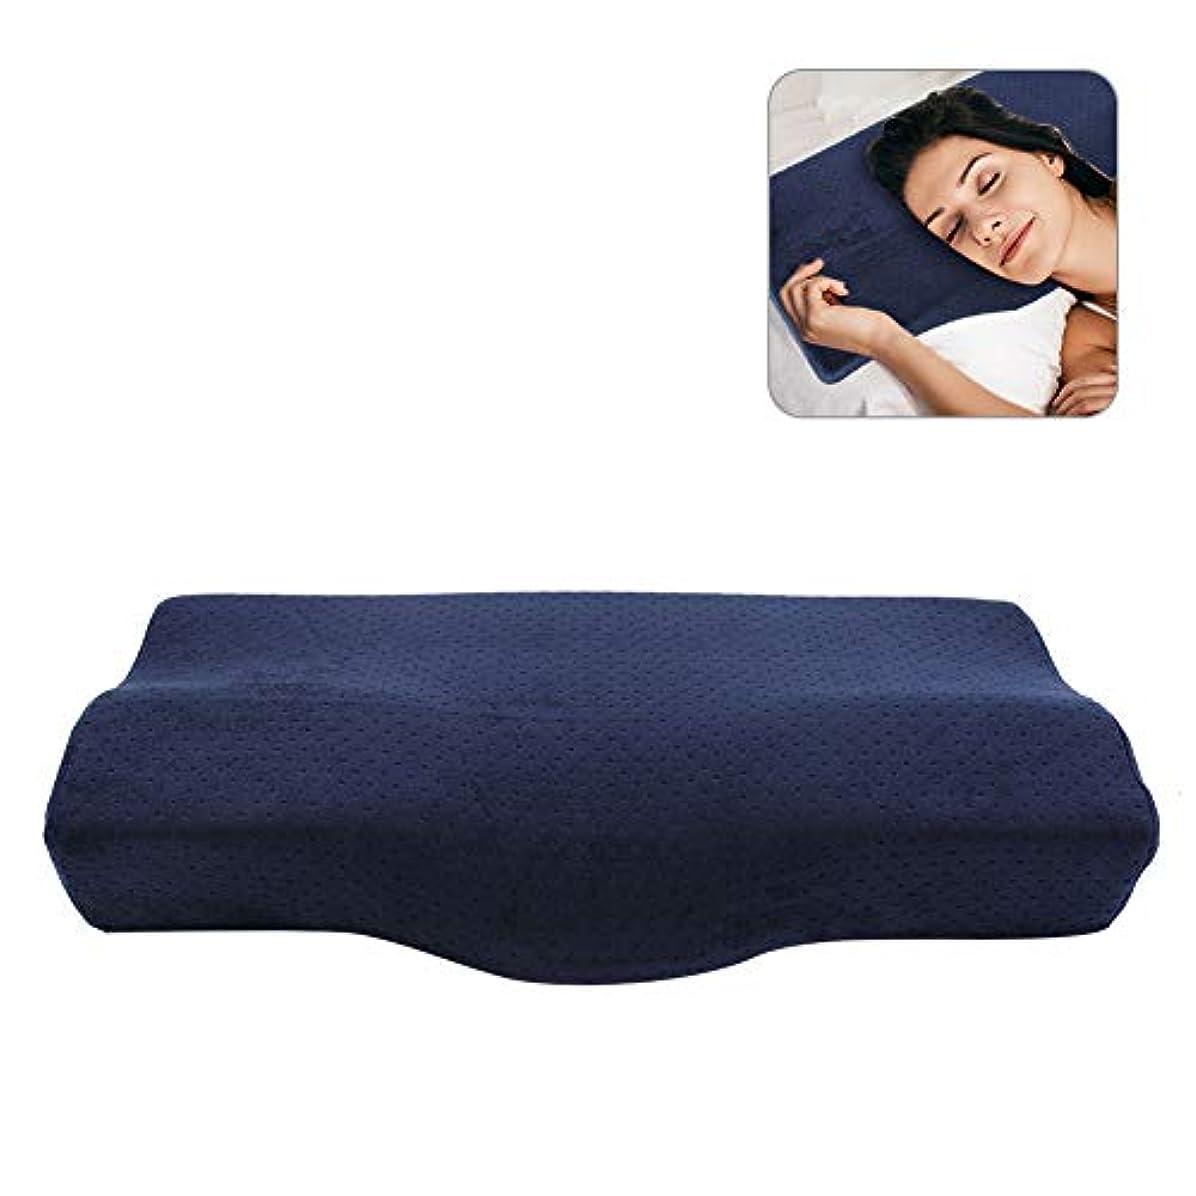 フェデレーション期待して必要枕 安眠 低反発枕 肩こり対策 頸椎サポート 肩こり対策 首?頭?肩 子供 大人向き 美容院&グラフトまつげ (ダークブルー)